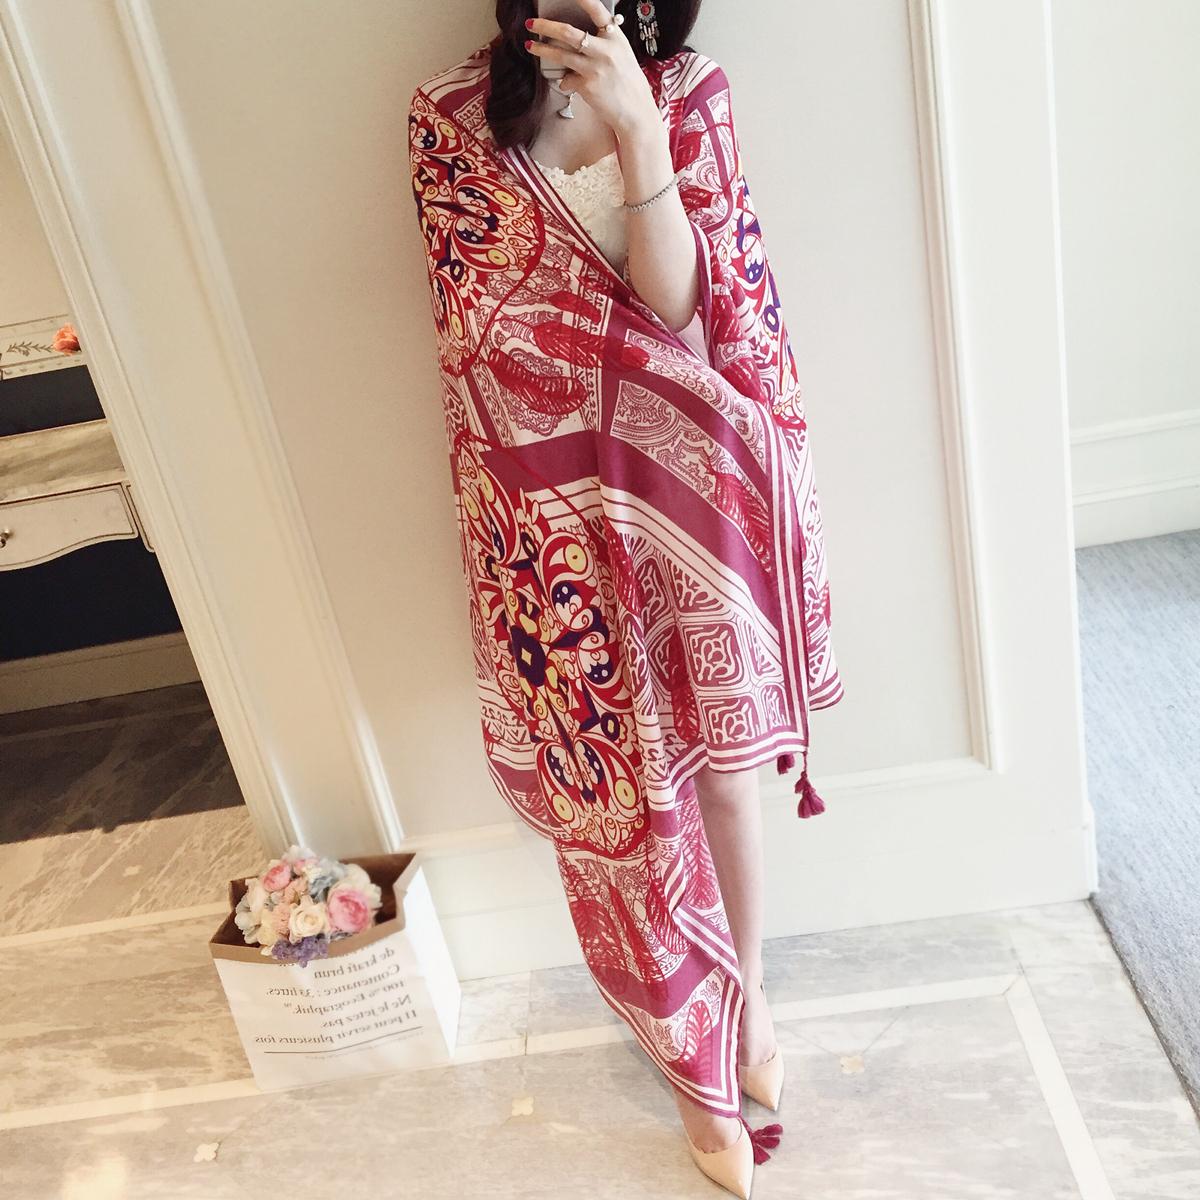 小溜家夏季棉麻红色民族风旅游海边度假防晒围巾披肩丝巾沙滩巾女